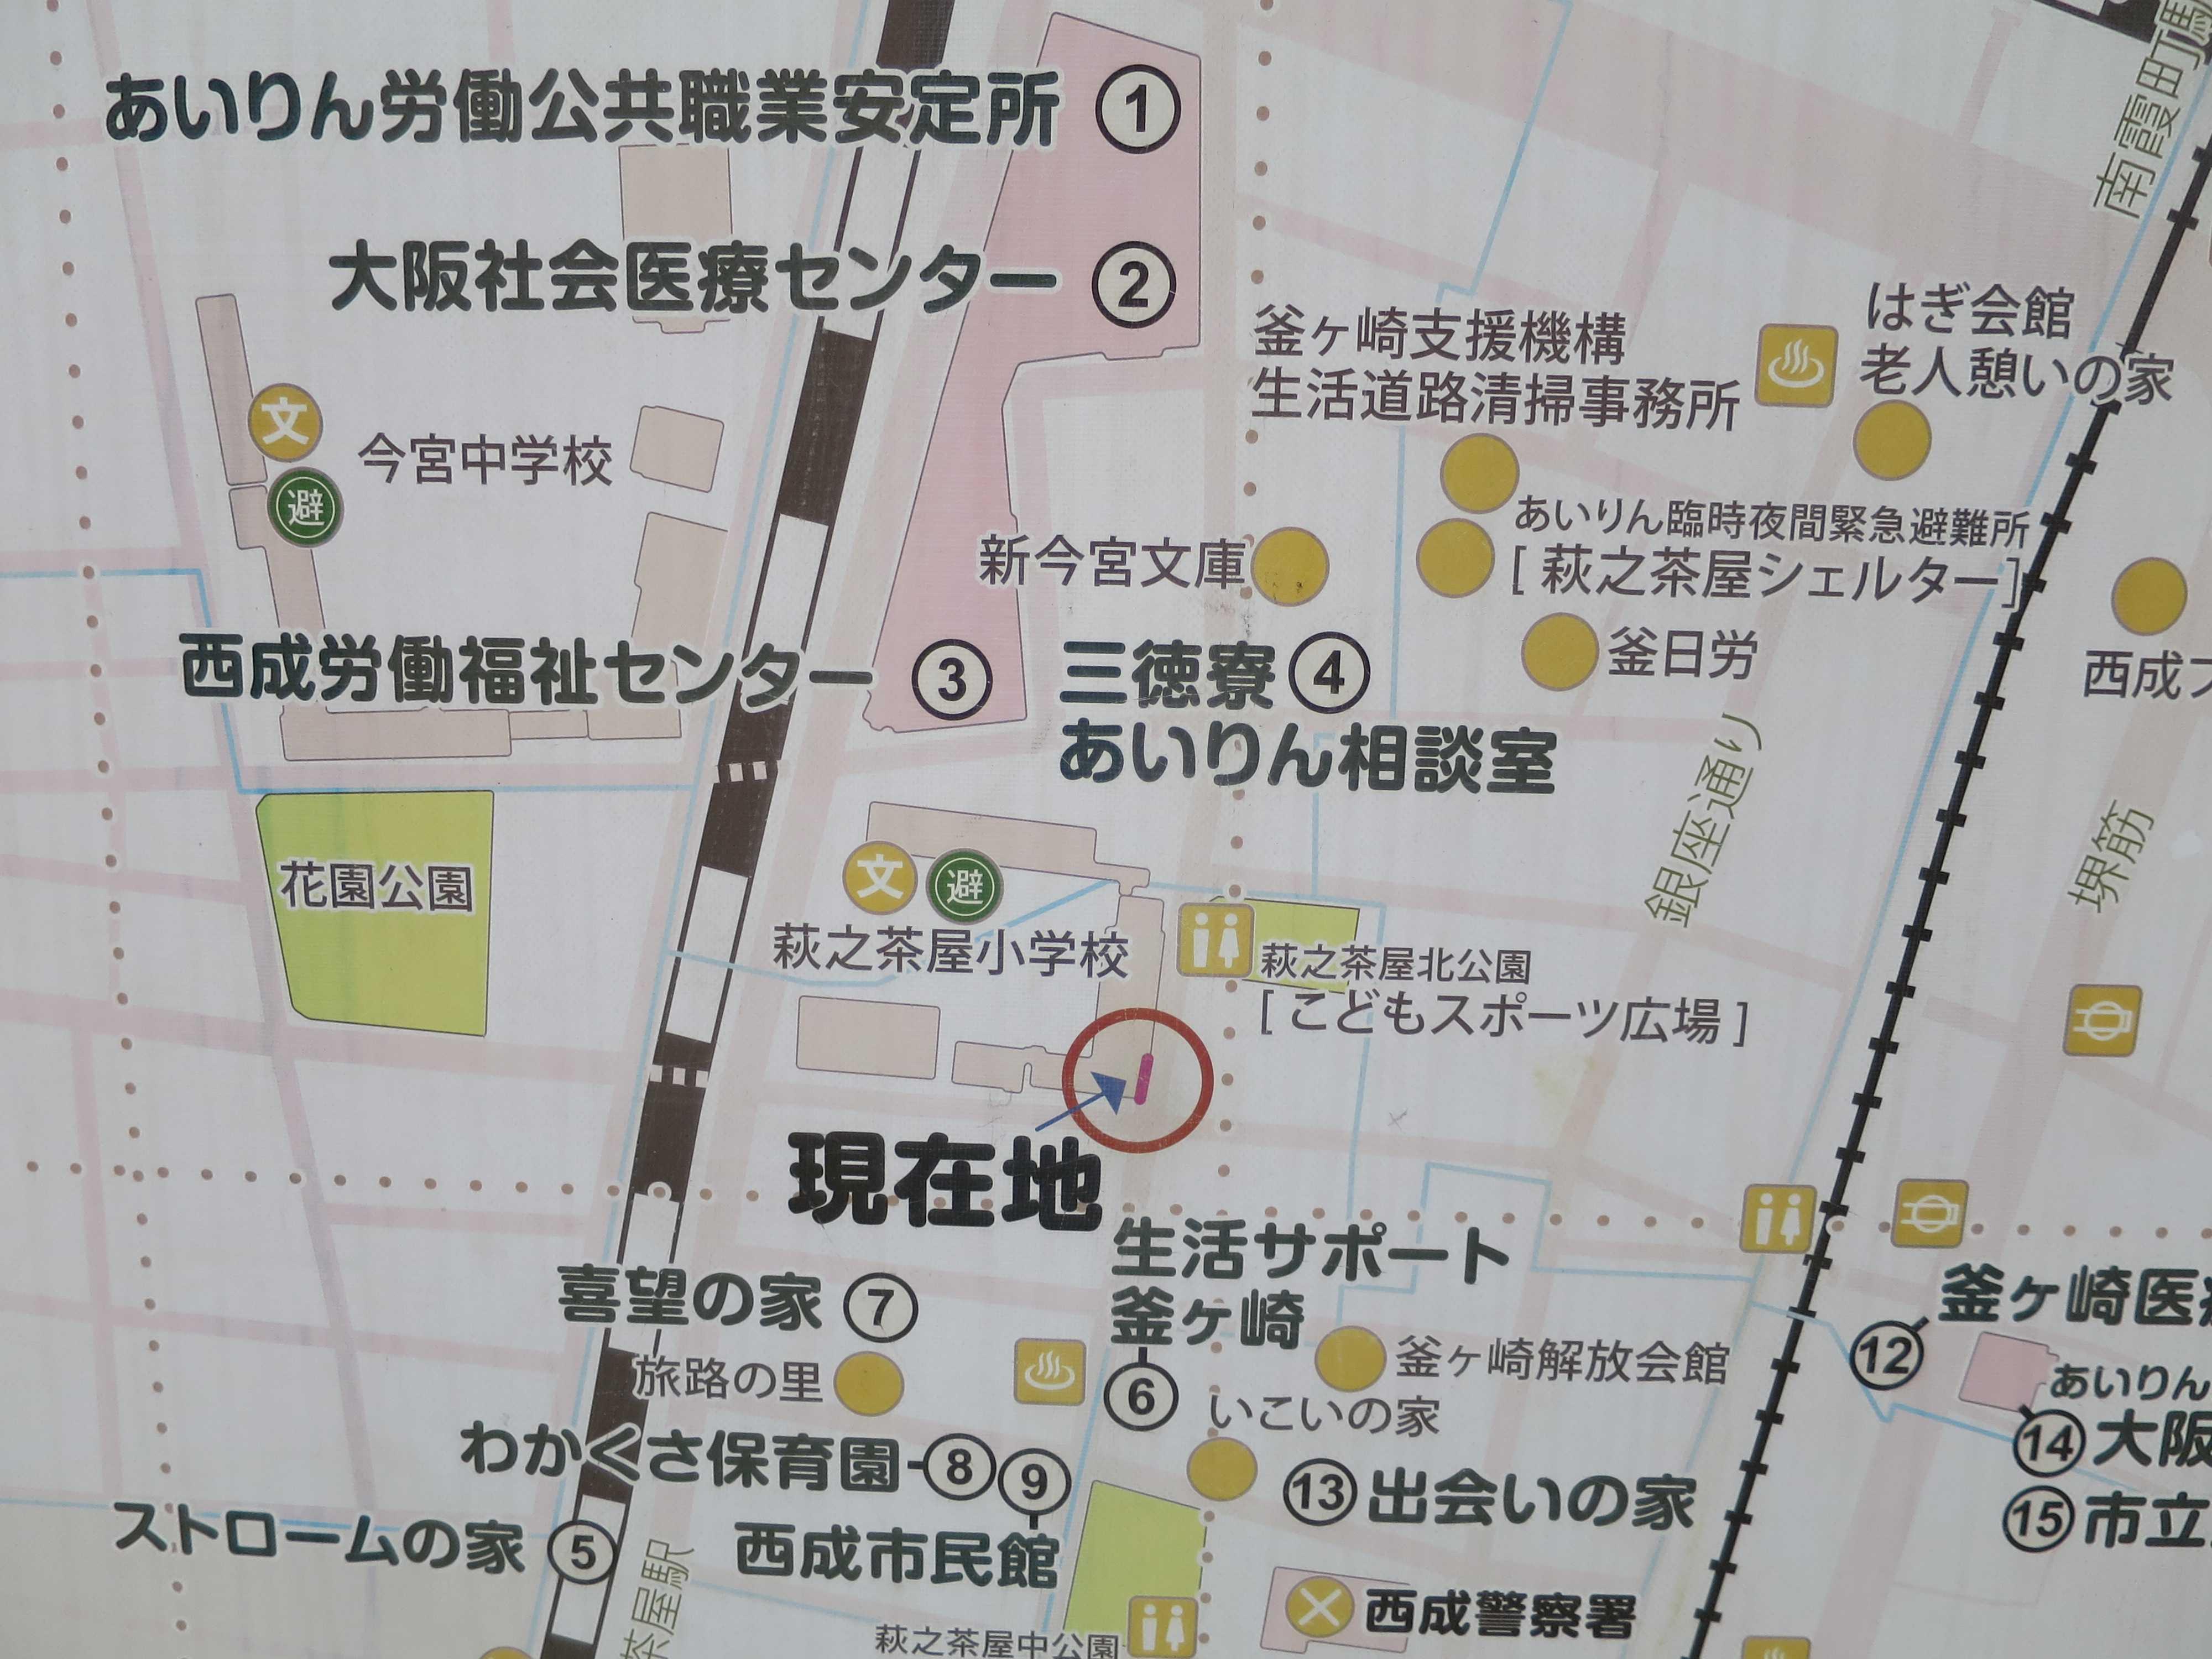 1. あいりん労働公共職業安定所 2. 大阪社会医療センター 3.西成労働福祉センター